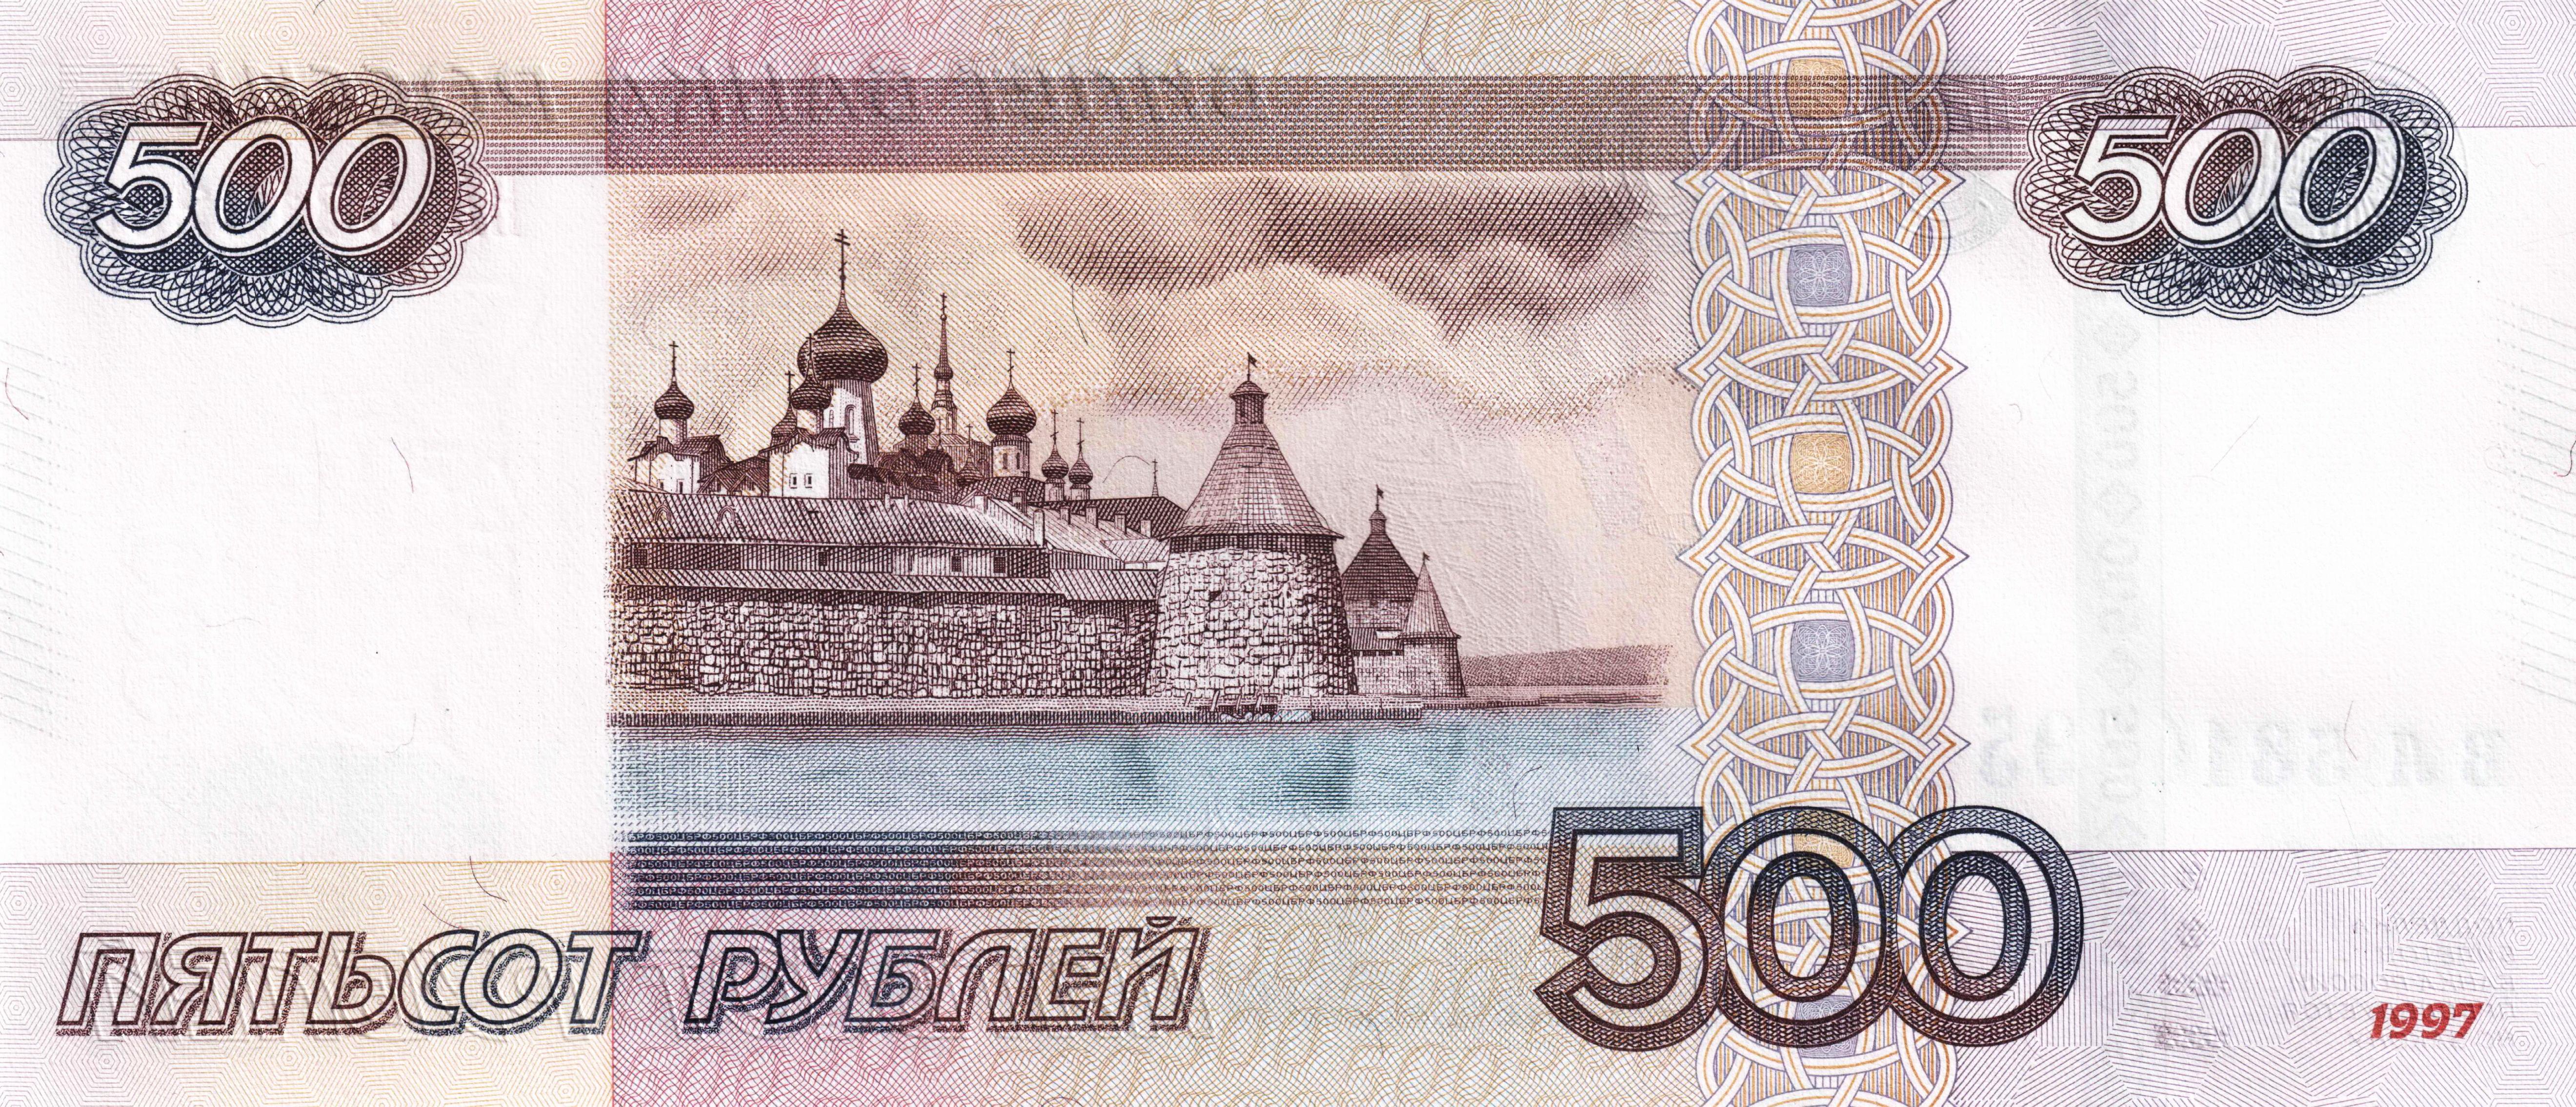 500 рублей википедия цены на медные монеты царской россии